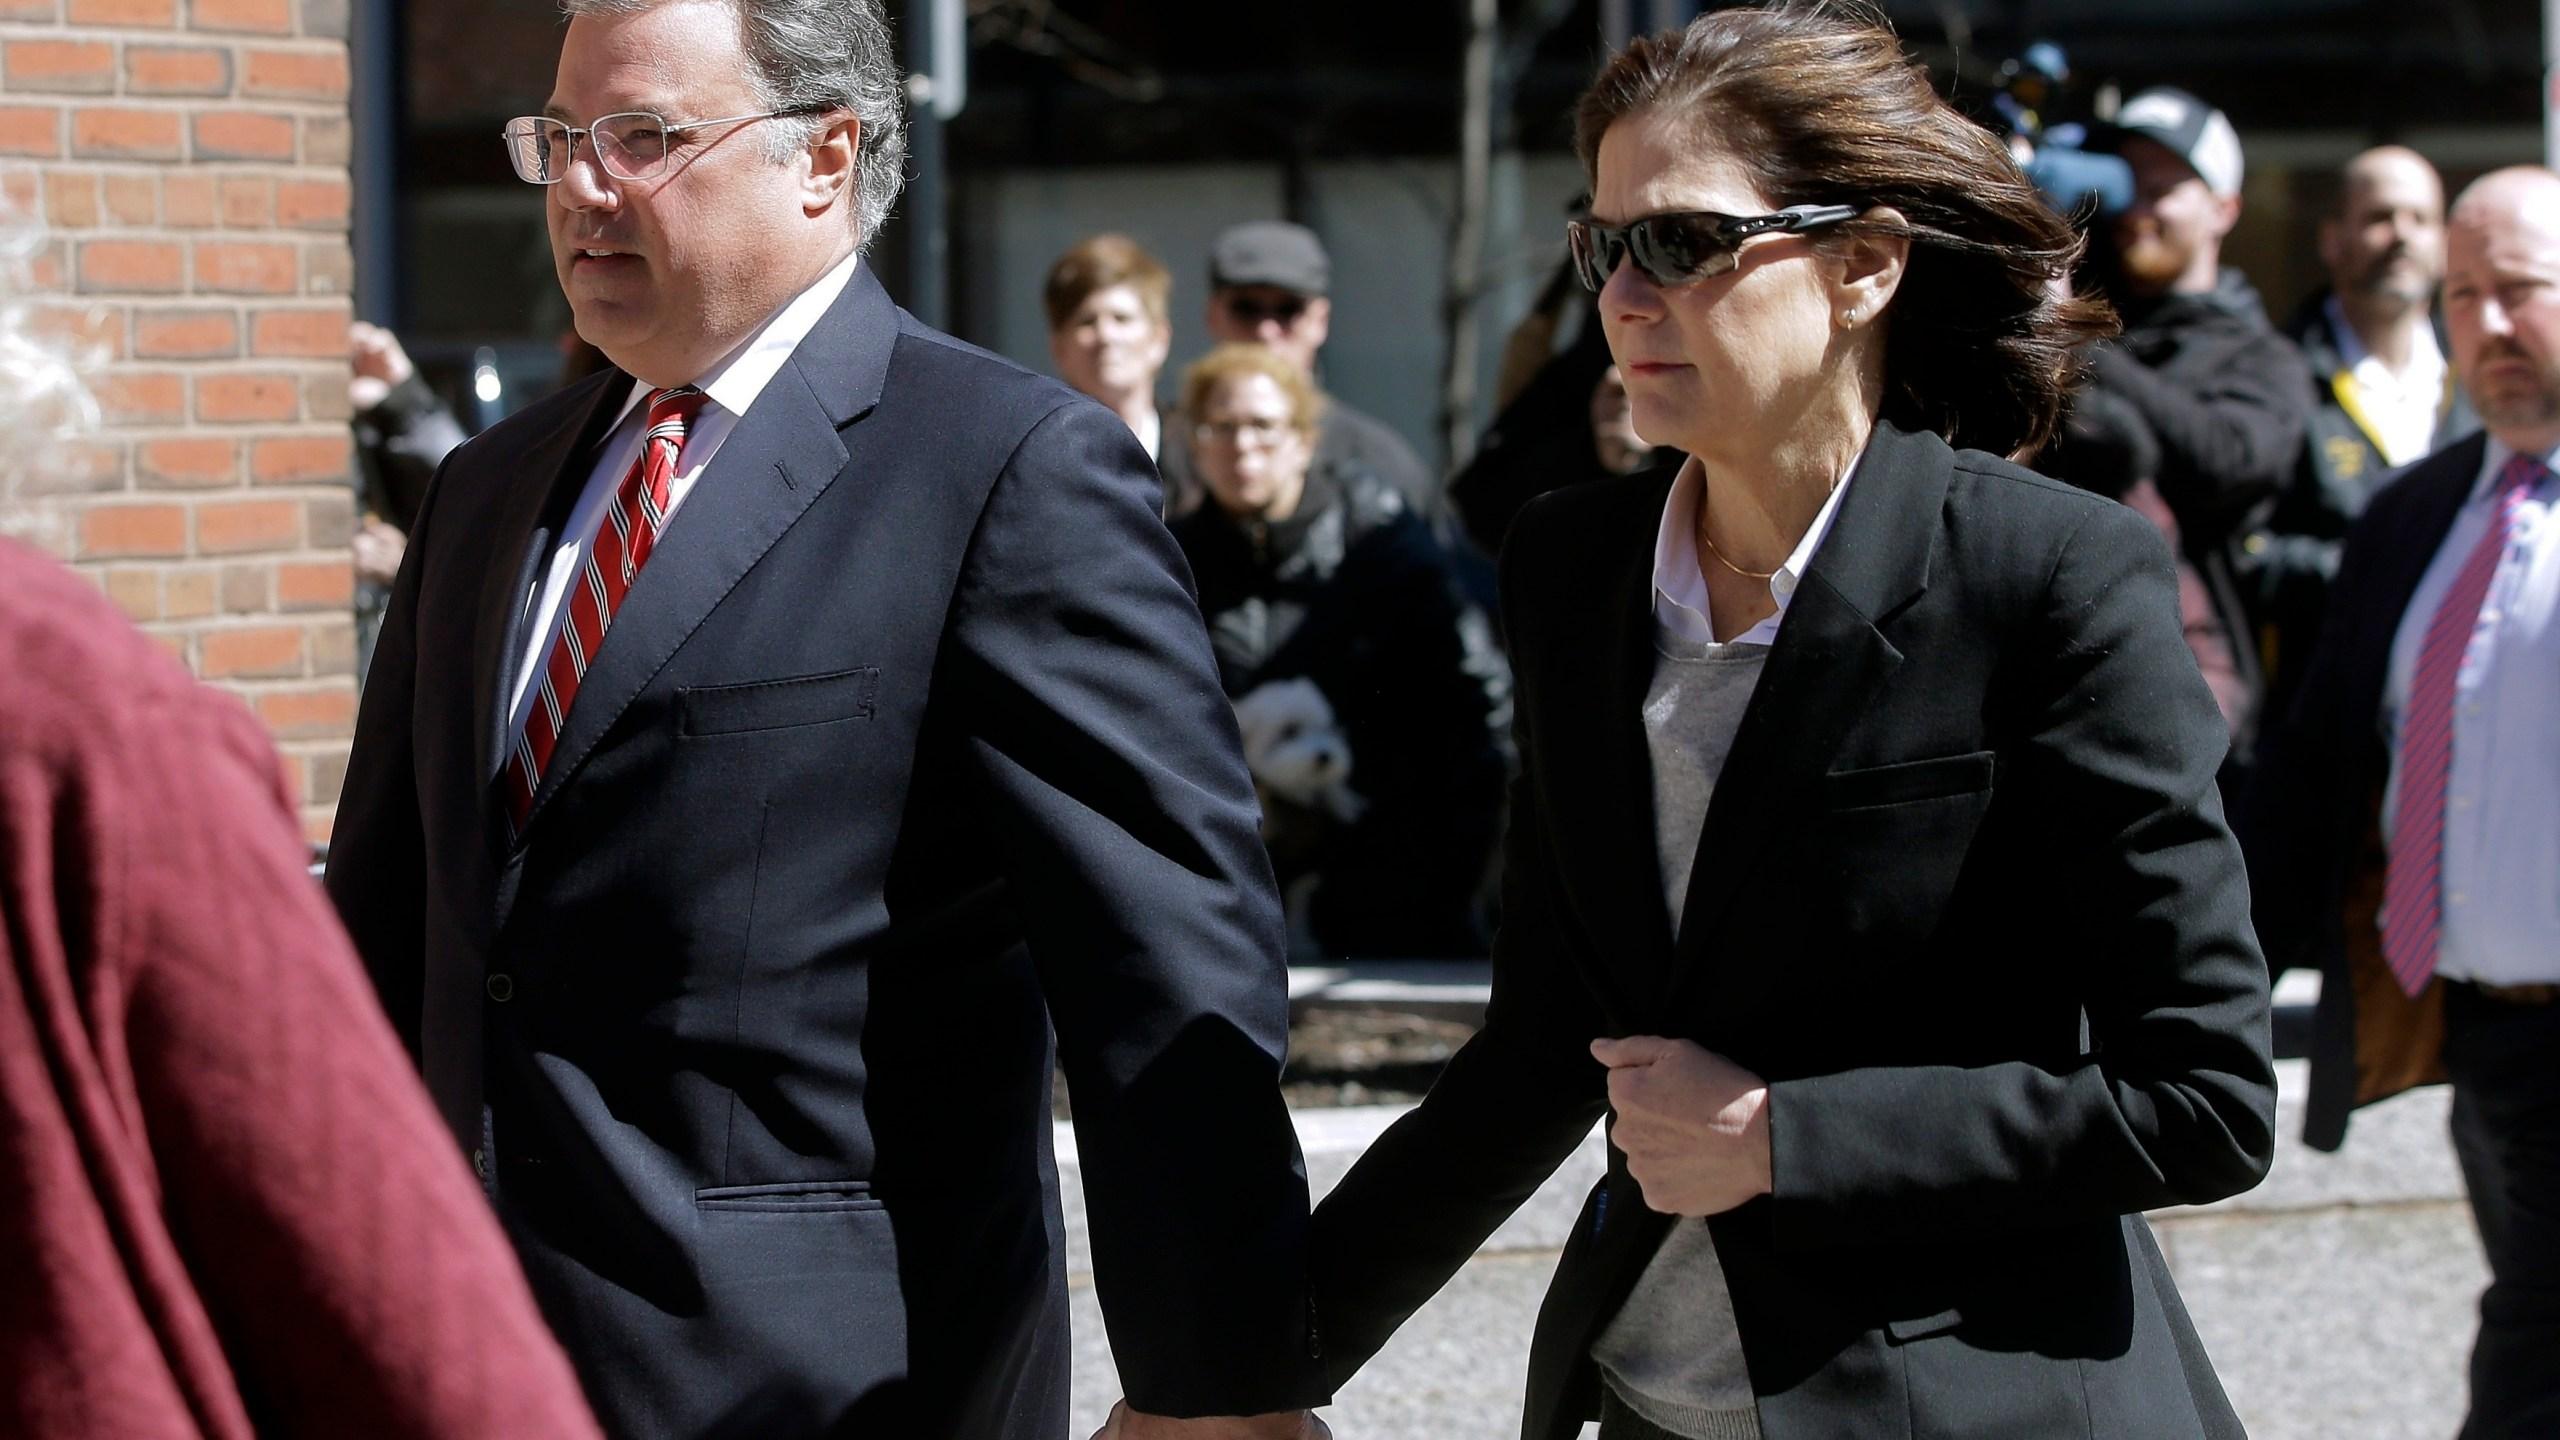 Manuel Henriquez, Elizabeth Henriquez